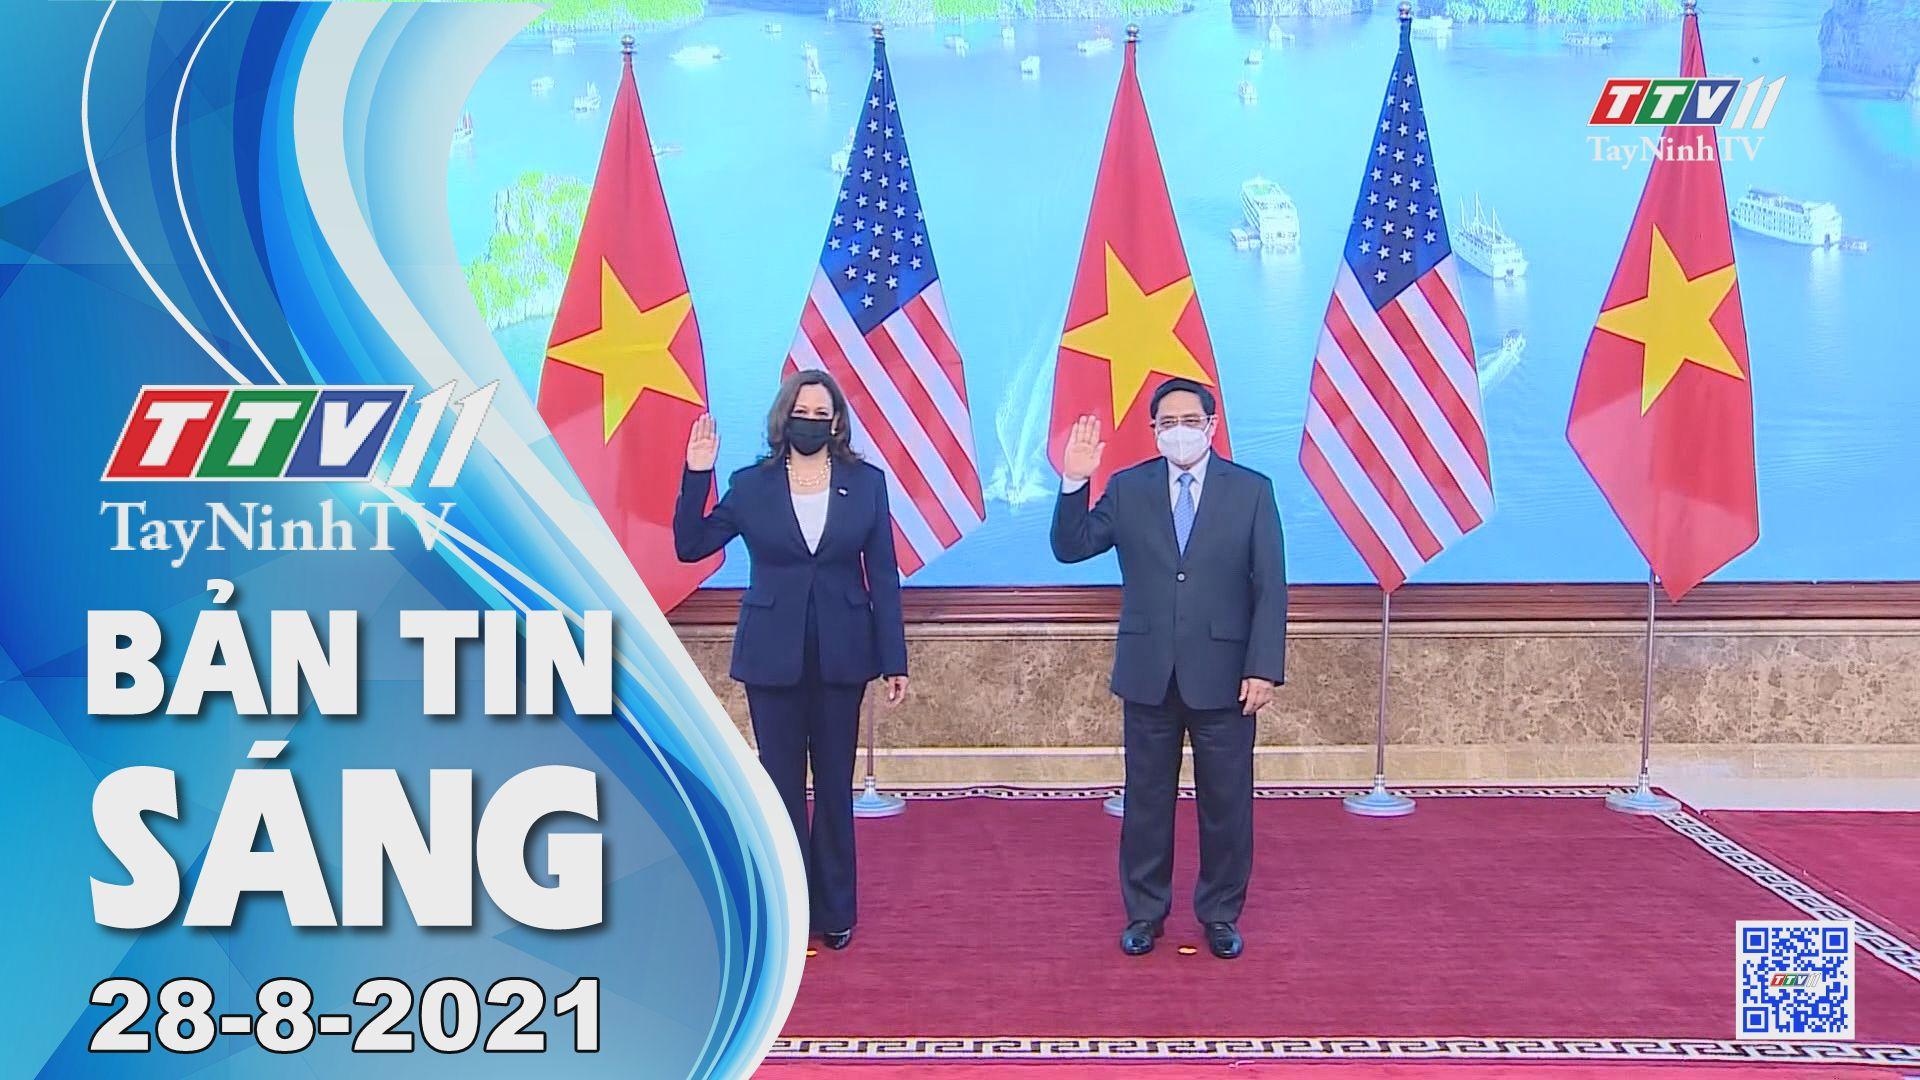 Bản tin sáng 28-8-2021 | Tin tức hôm nay | TayNinhTV